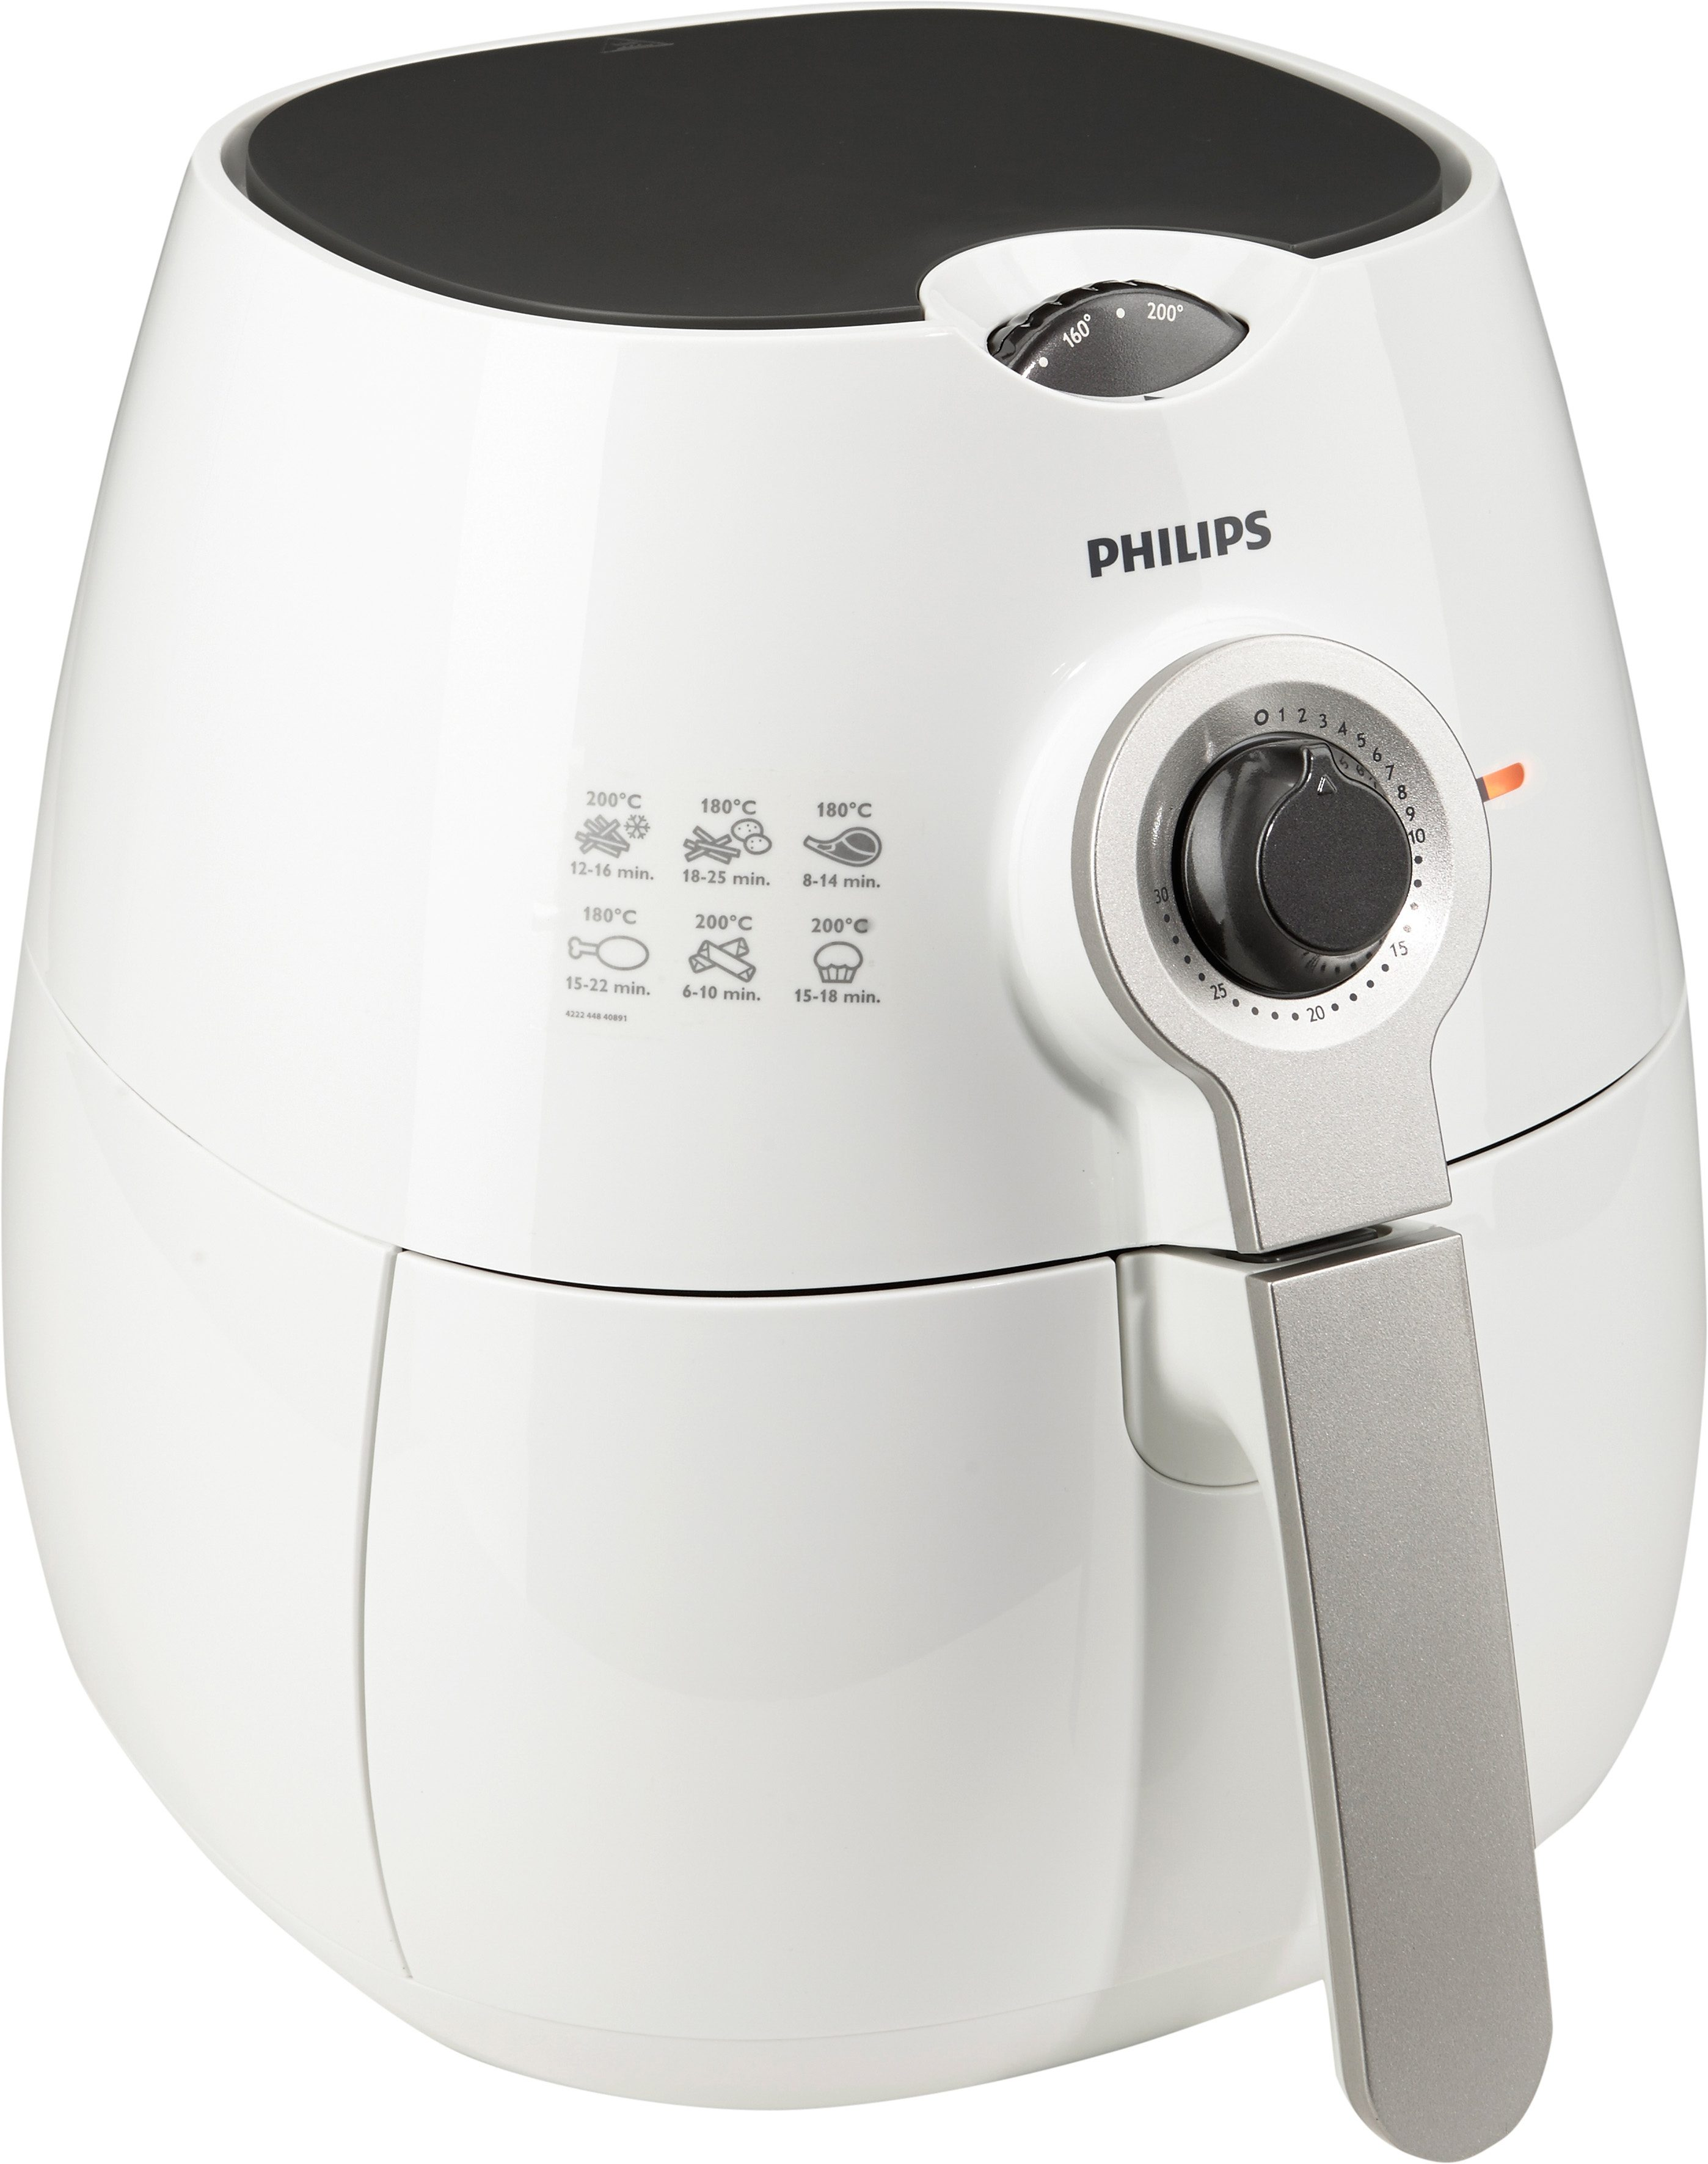 Philips Heißluft Fritteuse HD9220/50 Airfryer Viva Collection mit 0,8 kg Kapazität, weiß